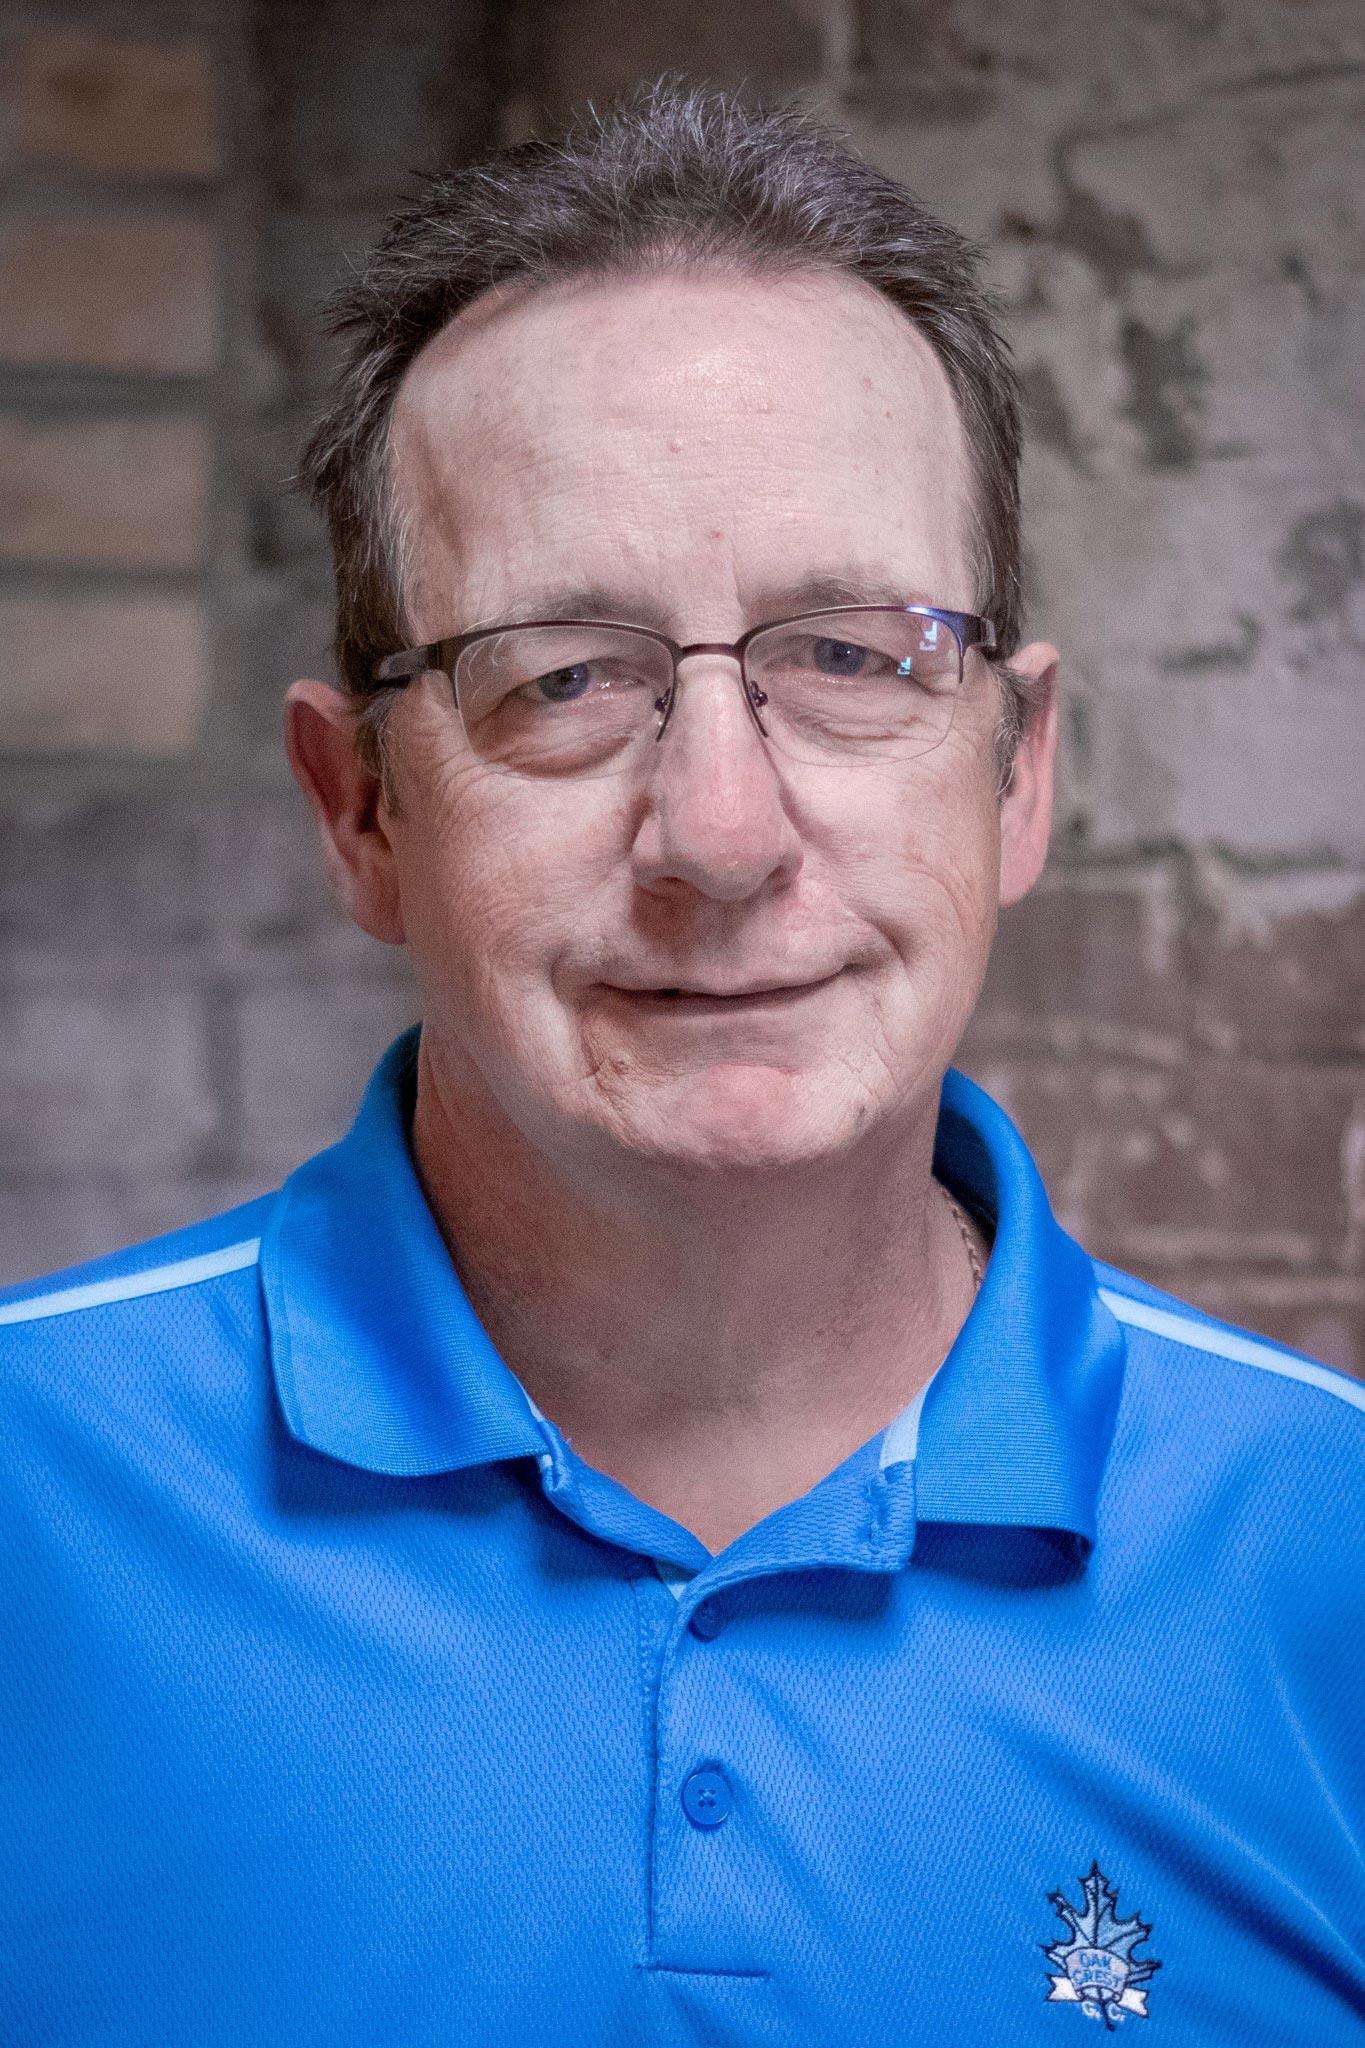 Pete Amenson